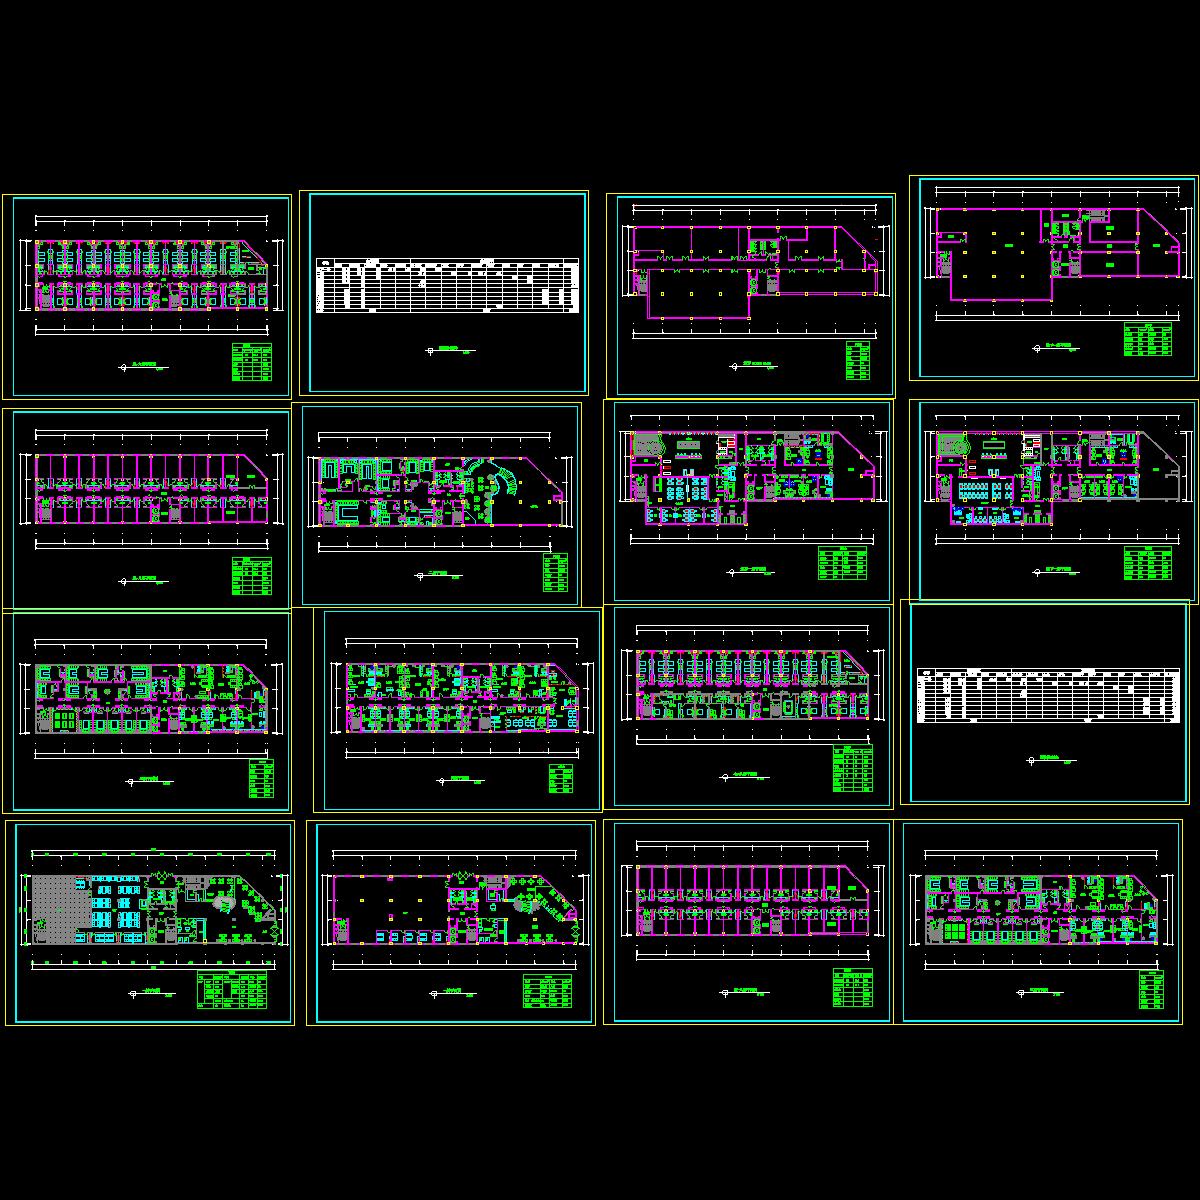 [CAD]阿里郎宾馆方案设计施工图纸(钢筋混凝土结构).dwg